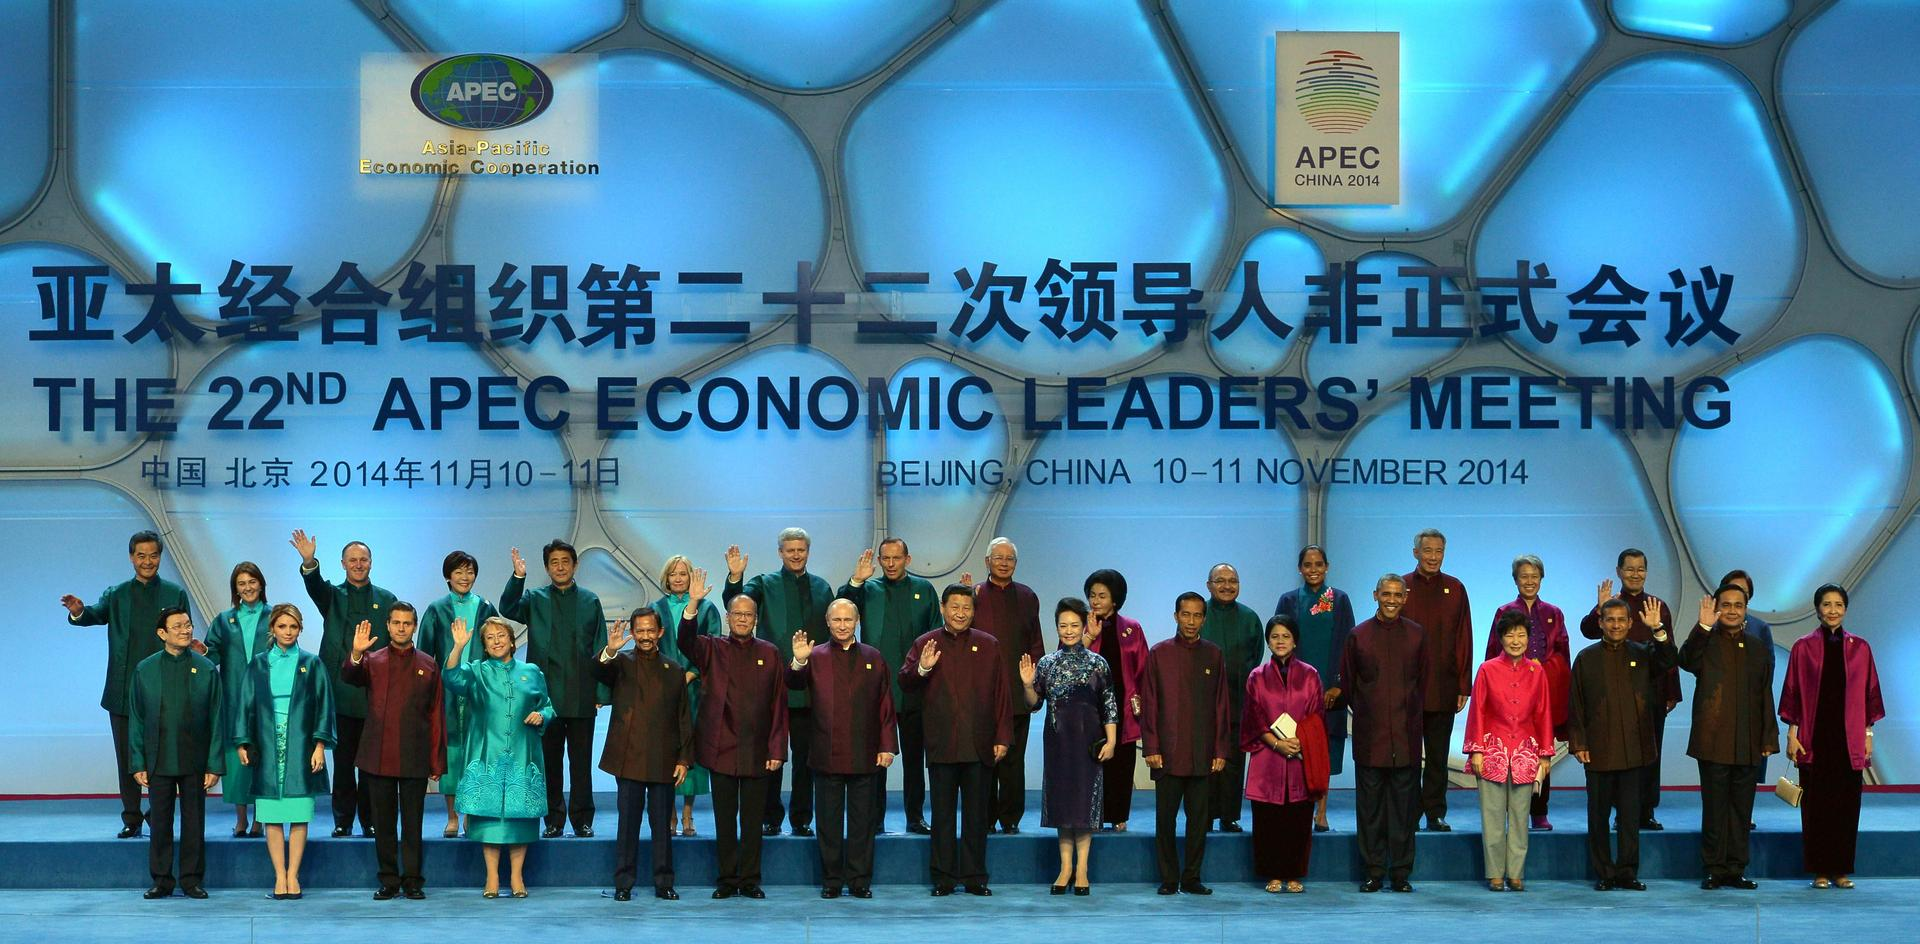 CHINA-APEC-SUMMIT  CHN009